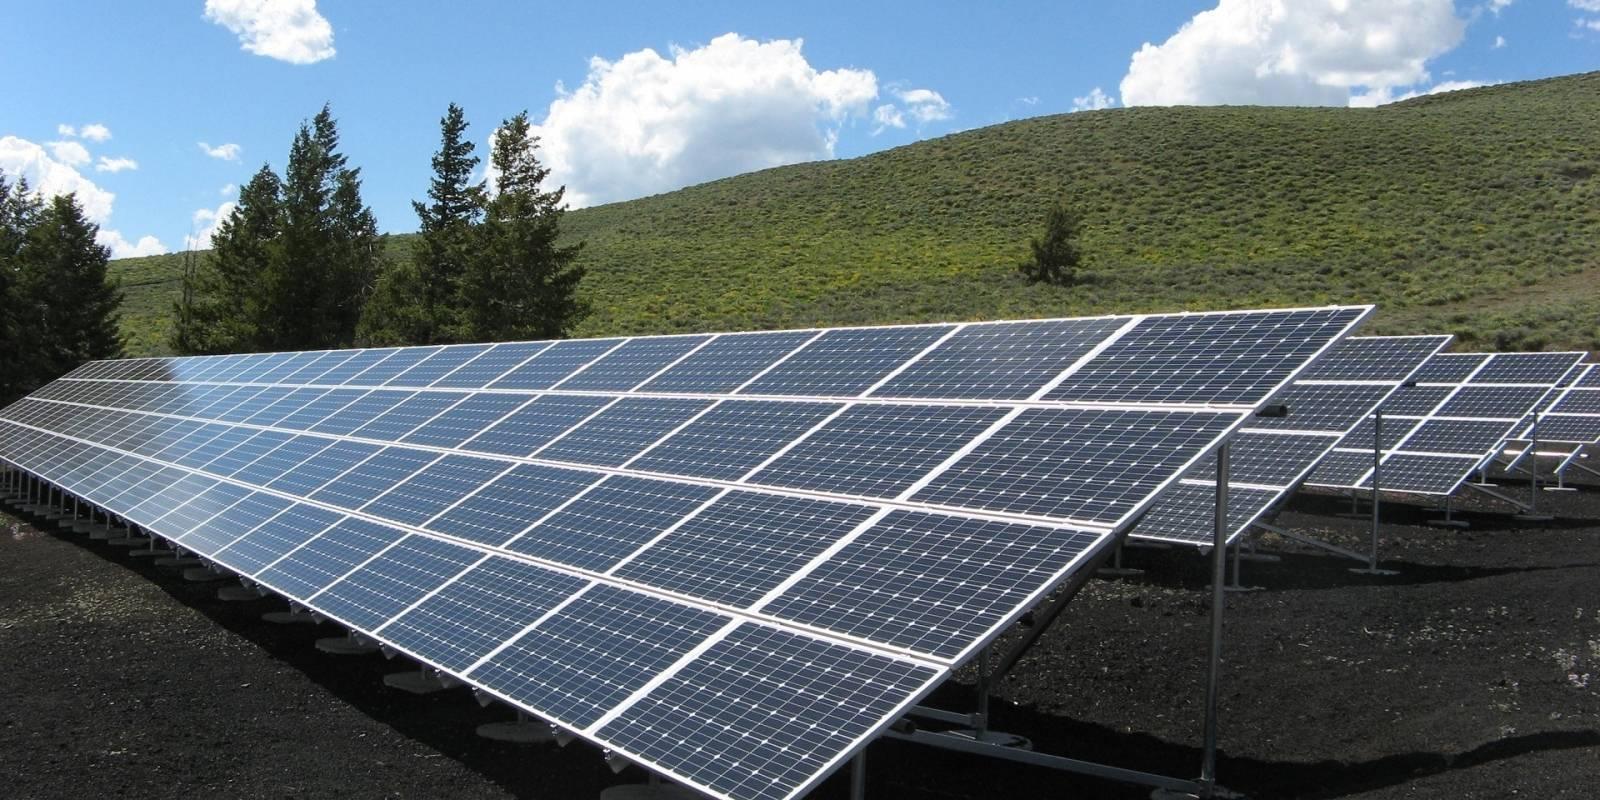 Desarrollan paneles solares con capacidad para extraer más electricidad del calor